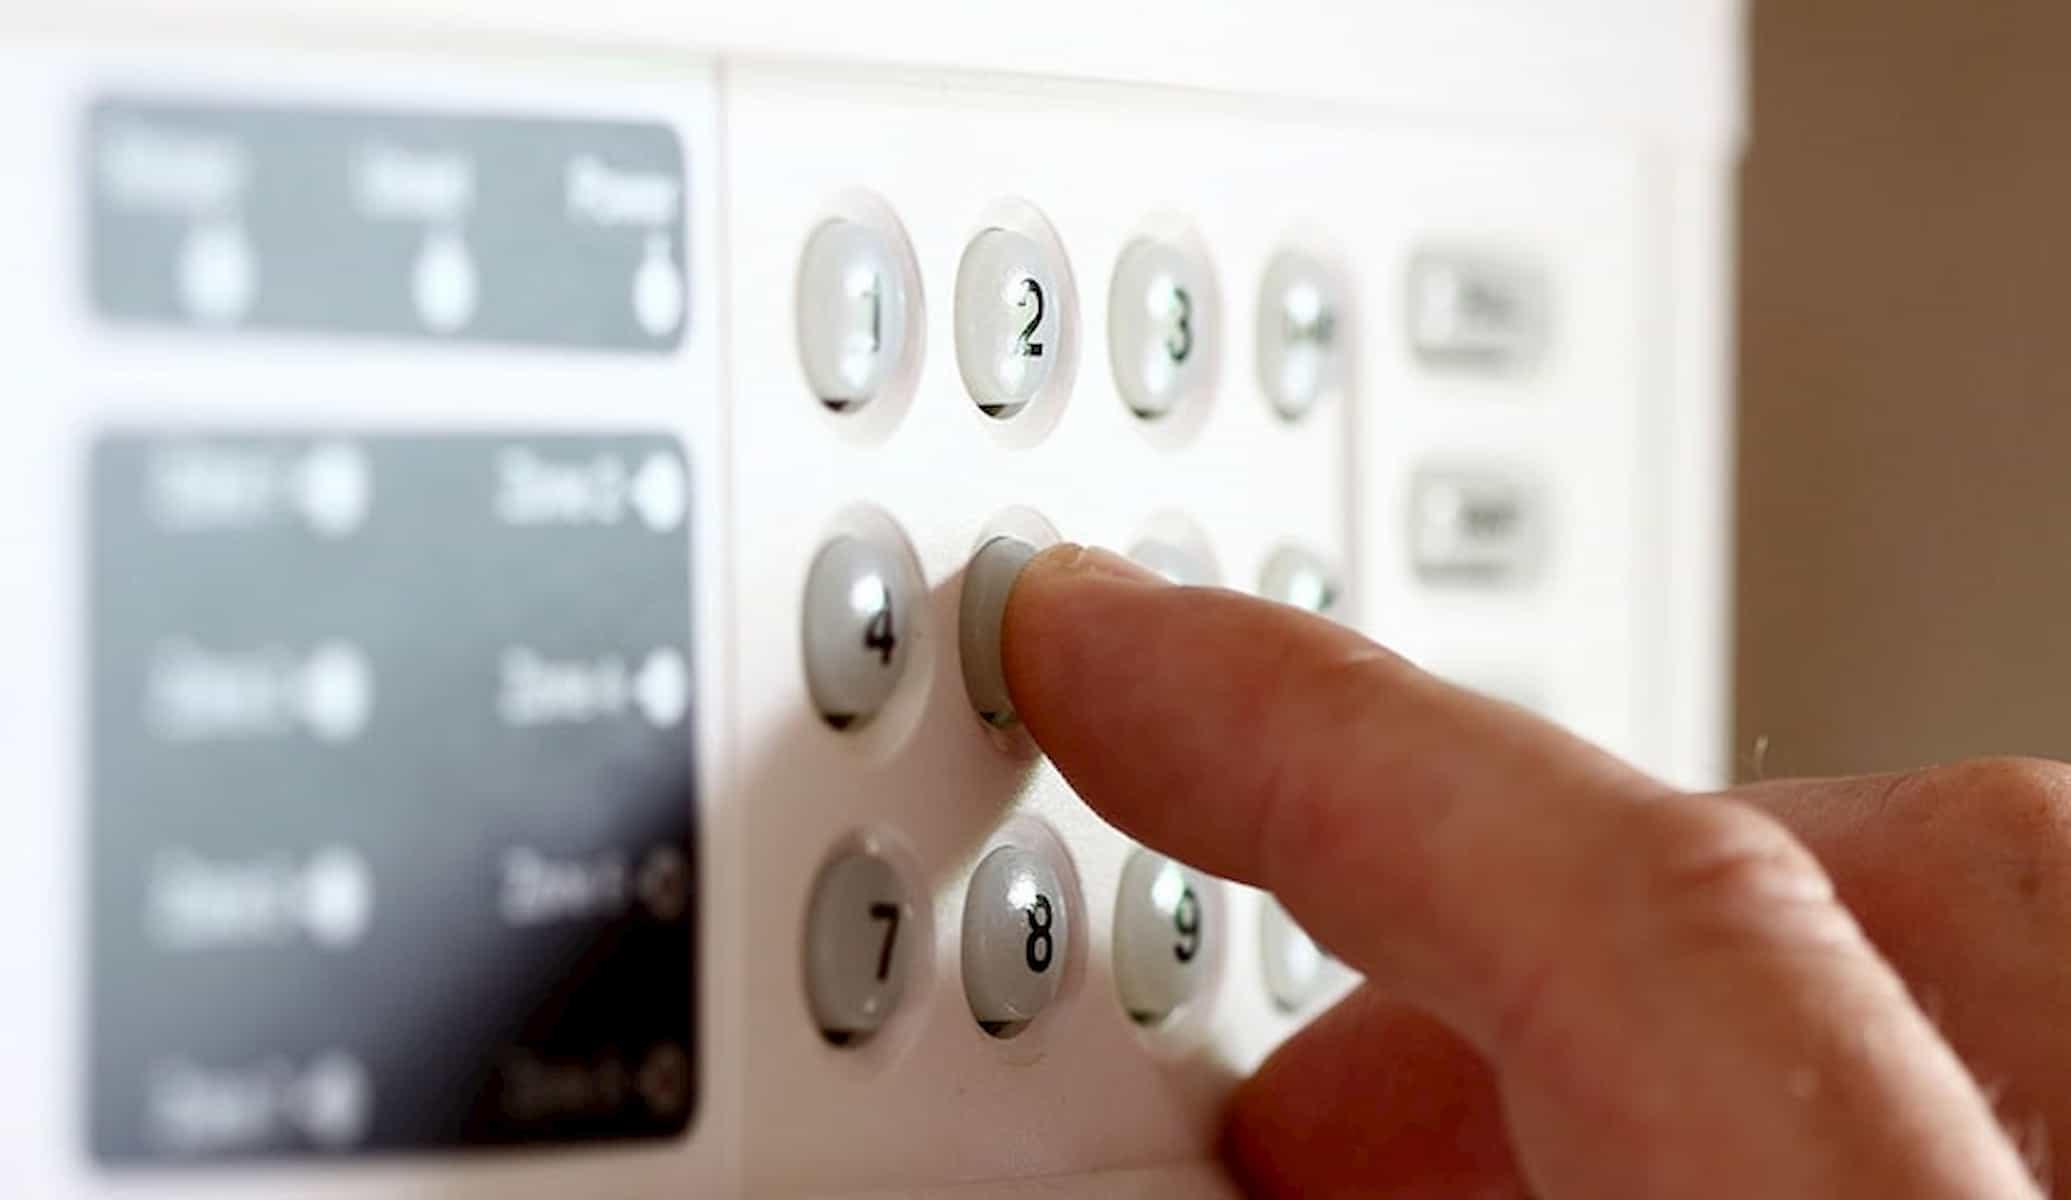 عدم هشدار به موقع کیفیت سیگنال دزدگیر